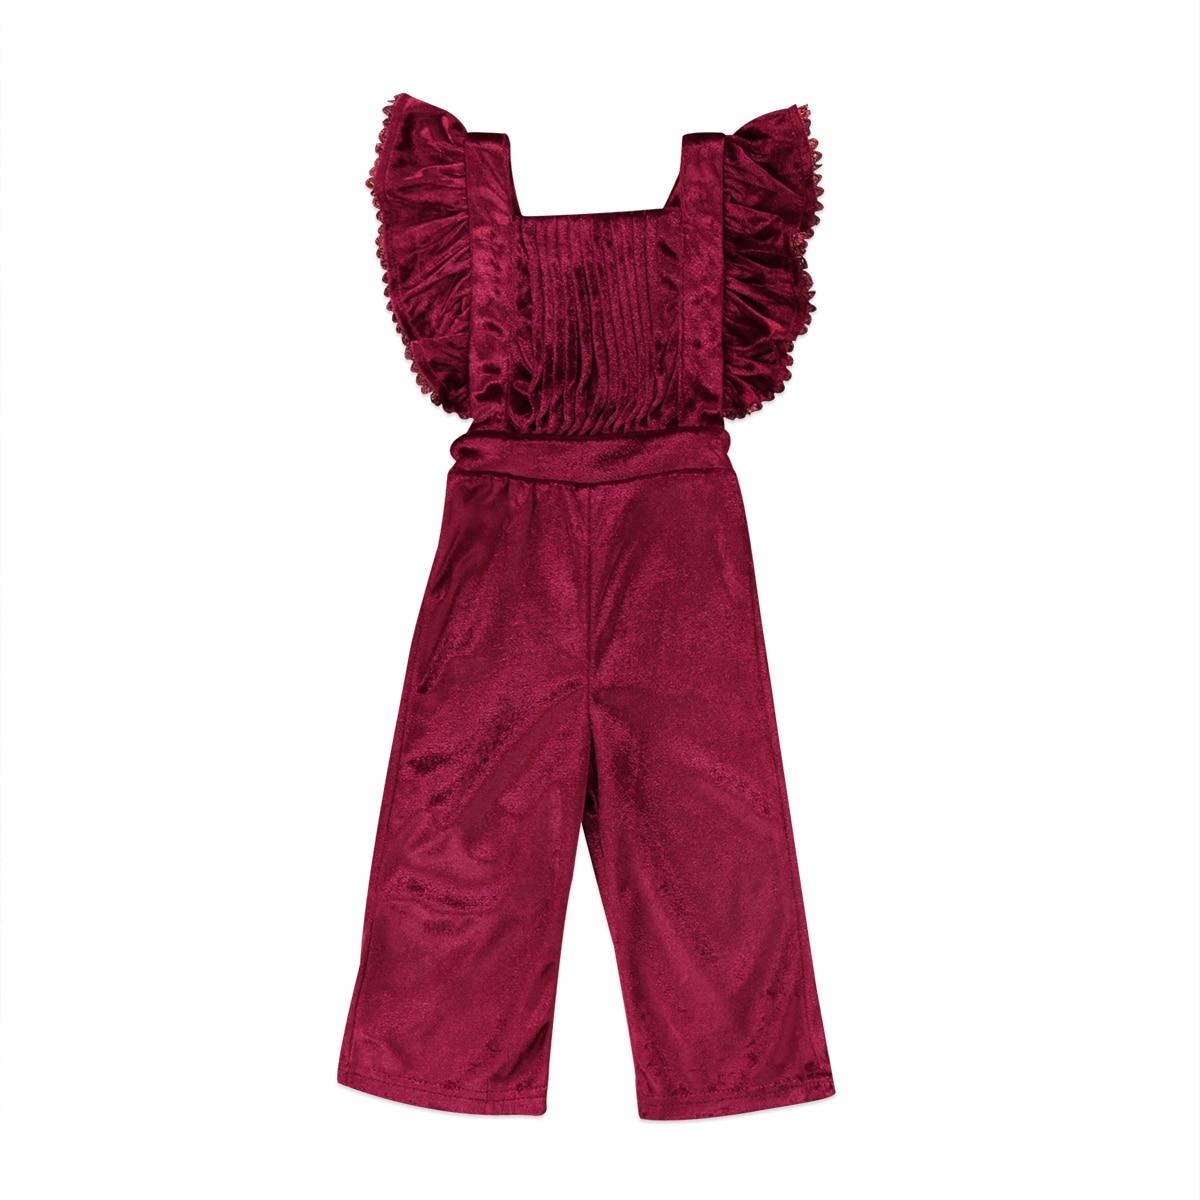 Gewijd Fashion 2017 Nieuwe Grote Meisjes Vlinder Mouw Pleuche Overalls Zomer Kinderen Cowboy Strap Jumpsuit Kids Overalls Maat 2-6 T